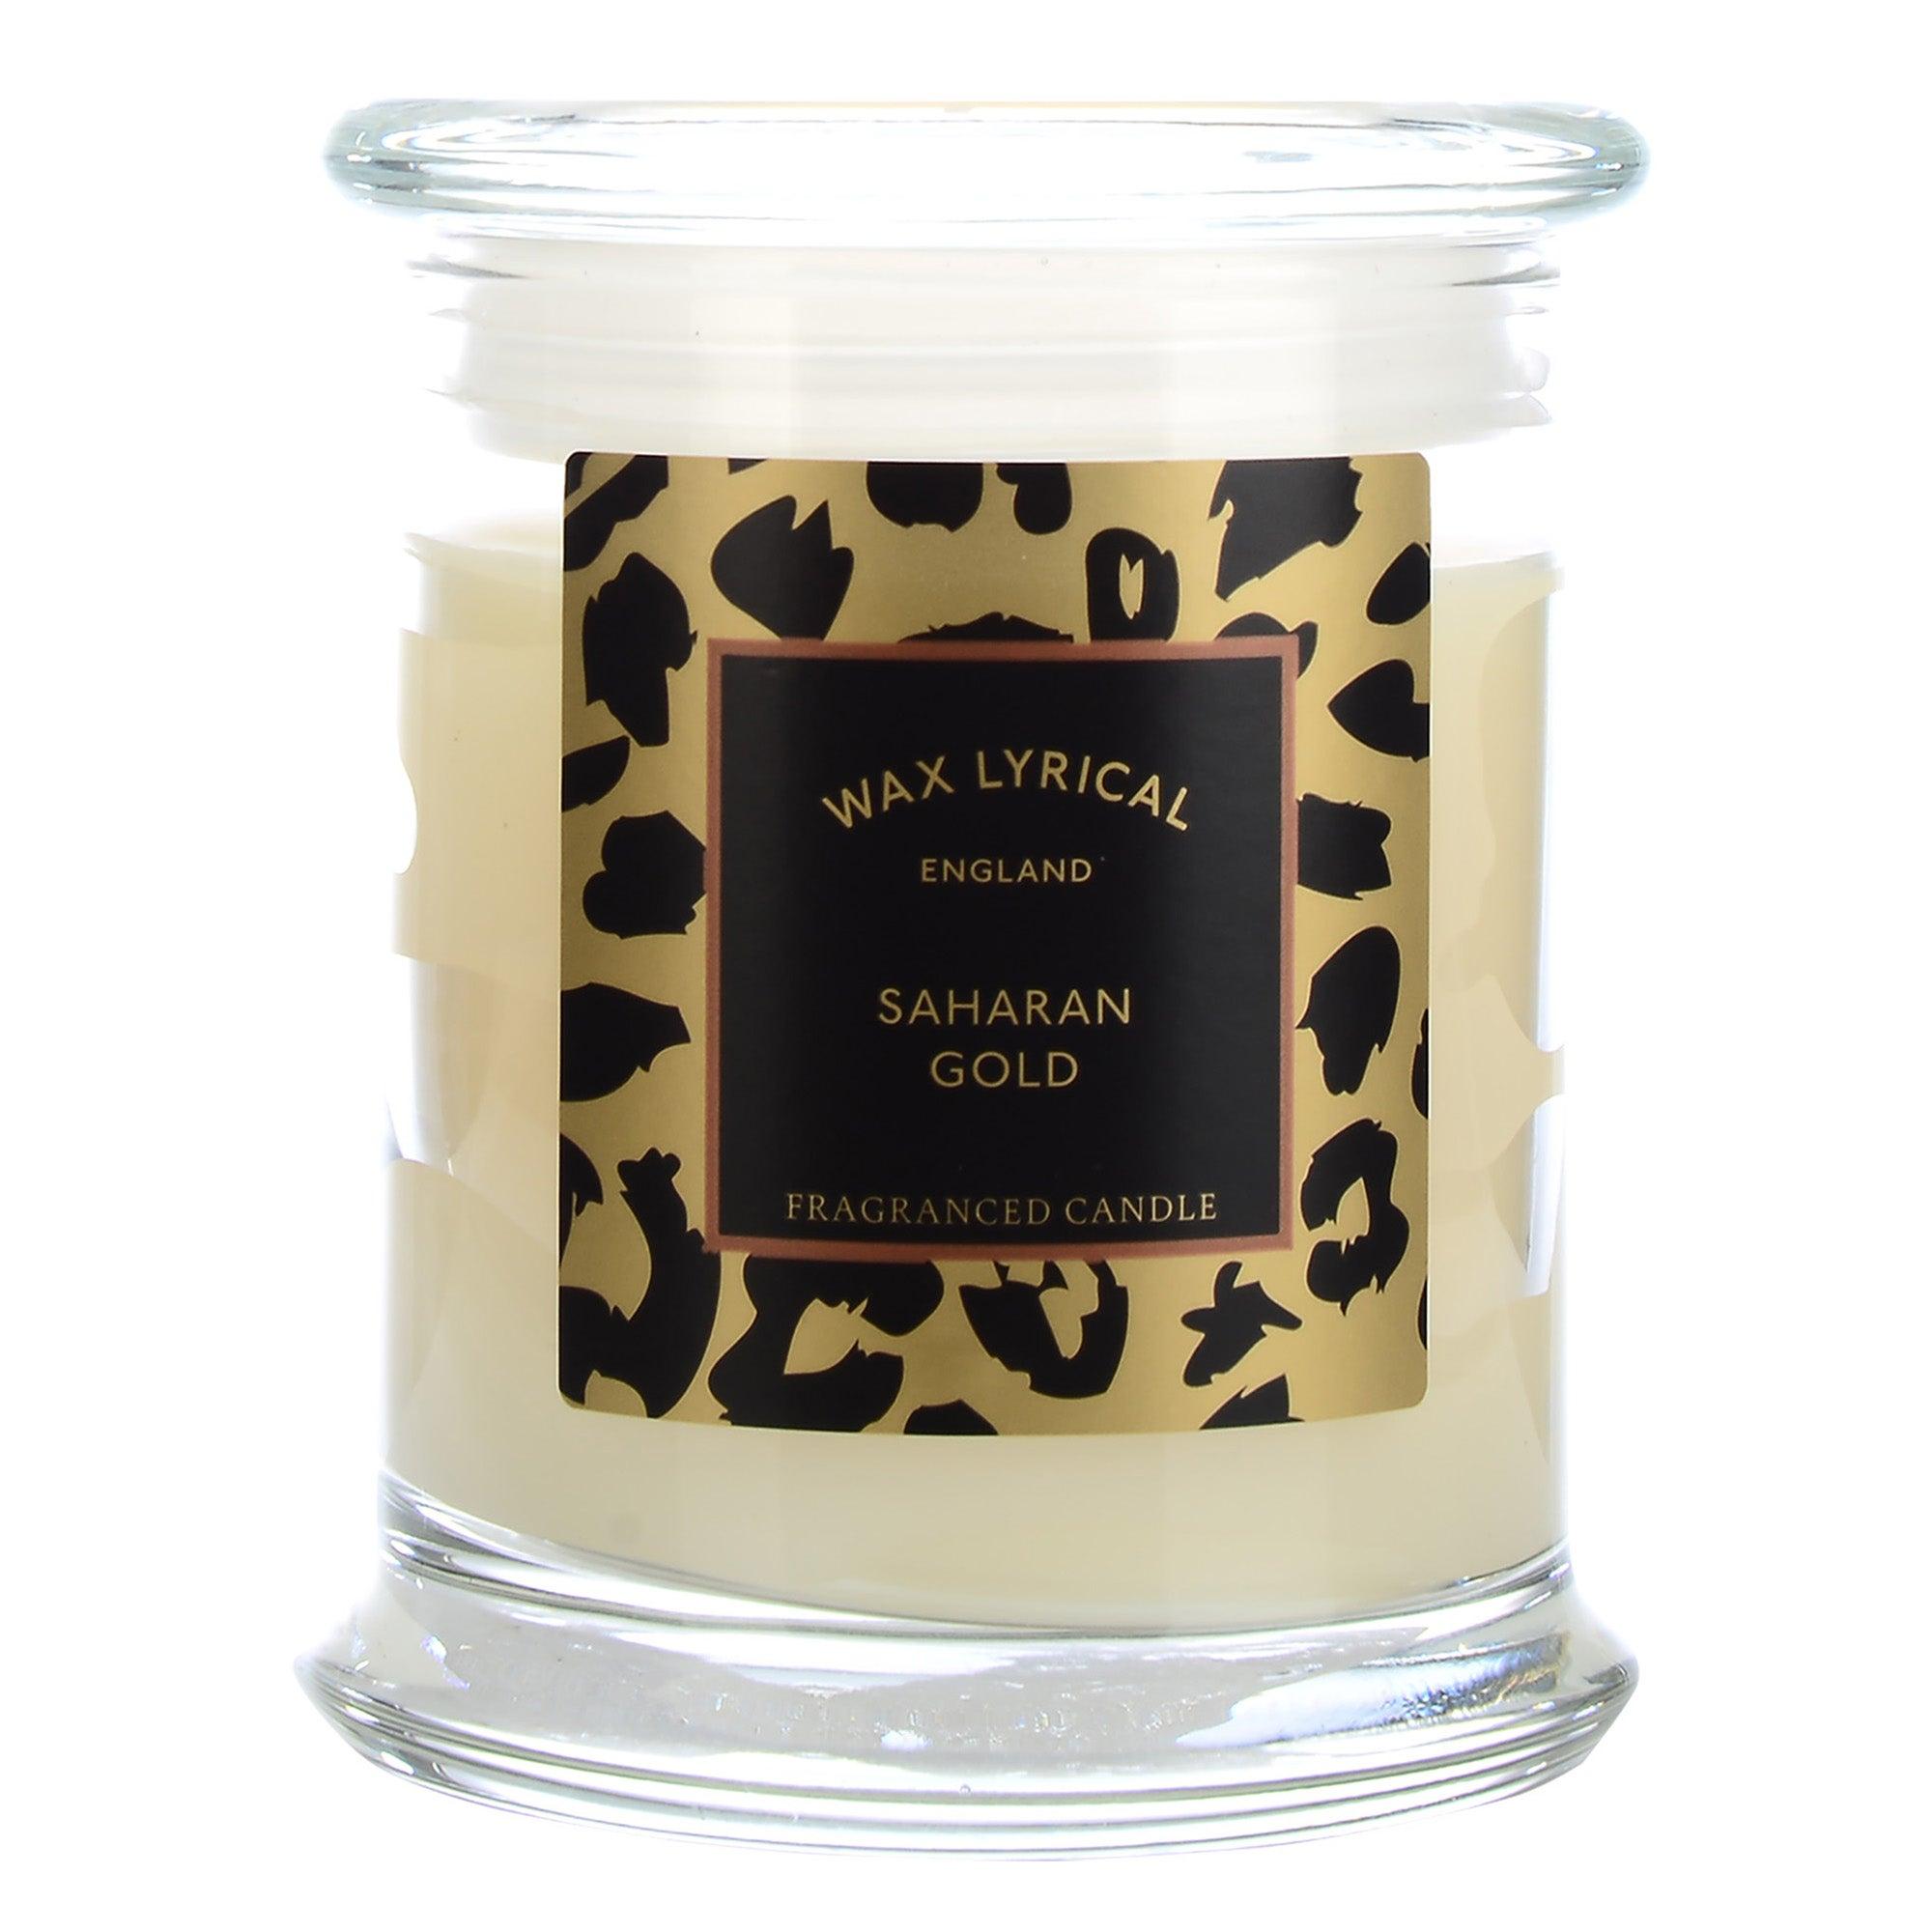 Image of Destinations Saharan Gold Candle Jar Cream (Natural)